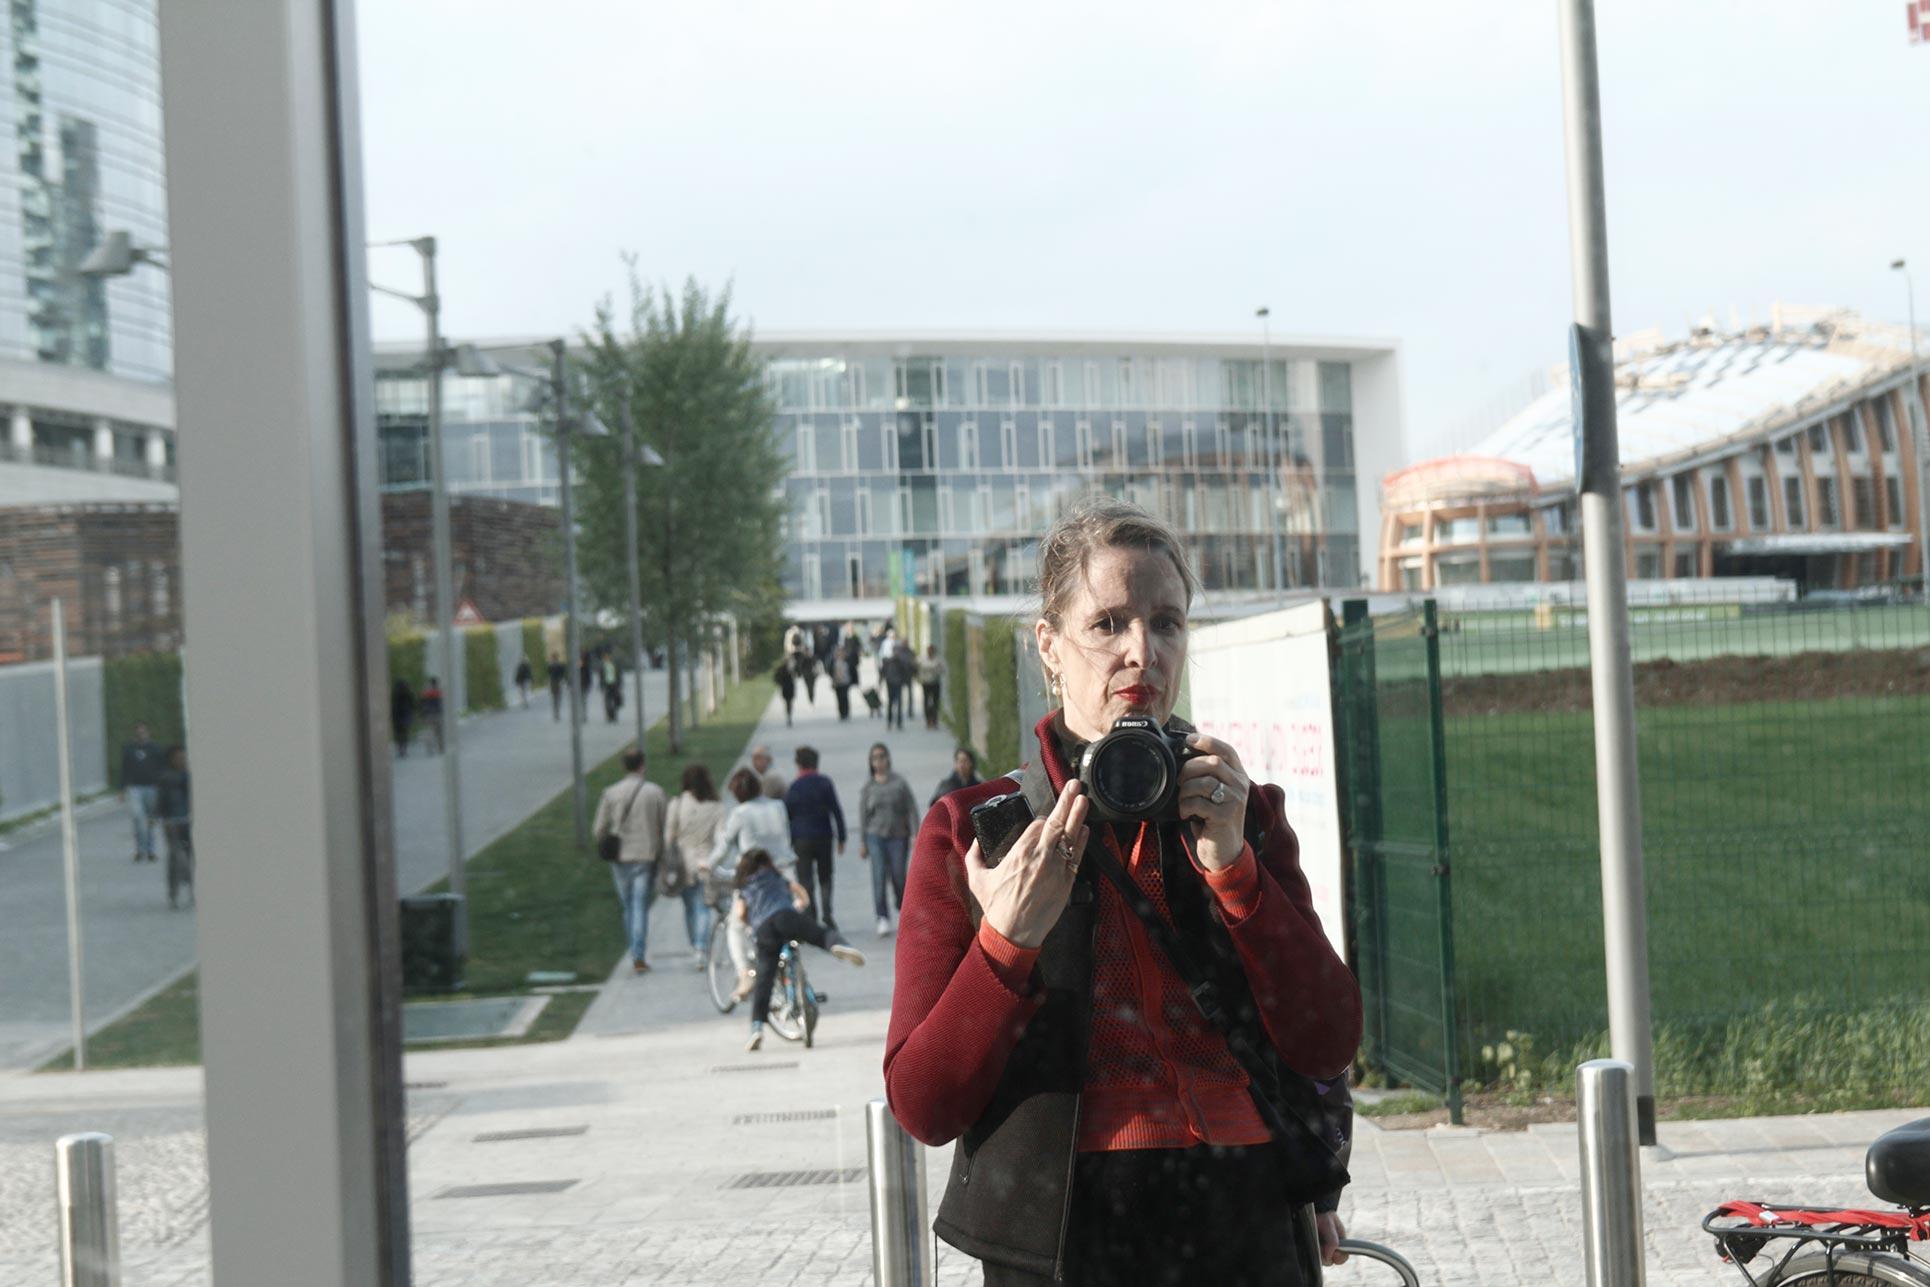 Selfie in one of the new buildings (Photo: Barbara Fässler)